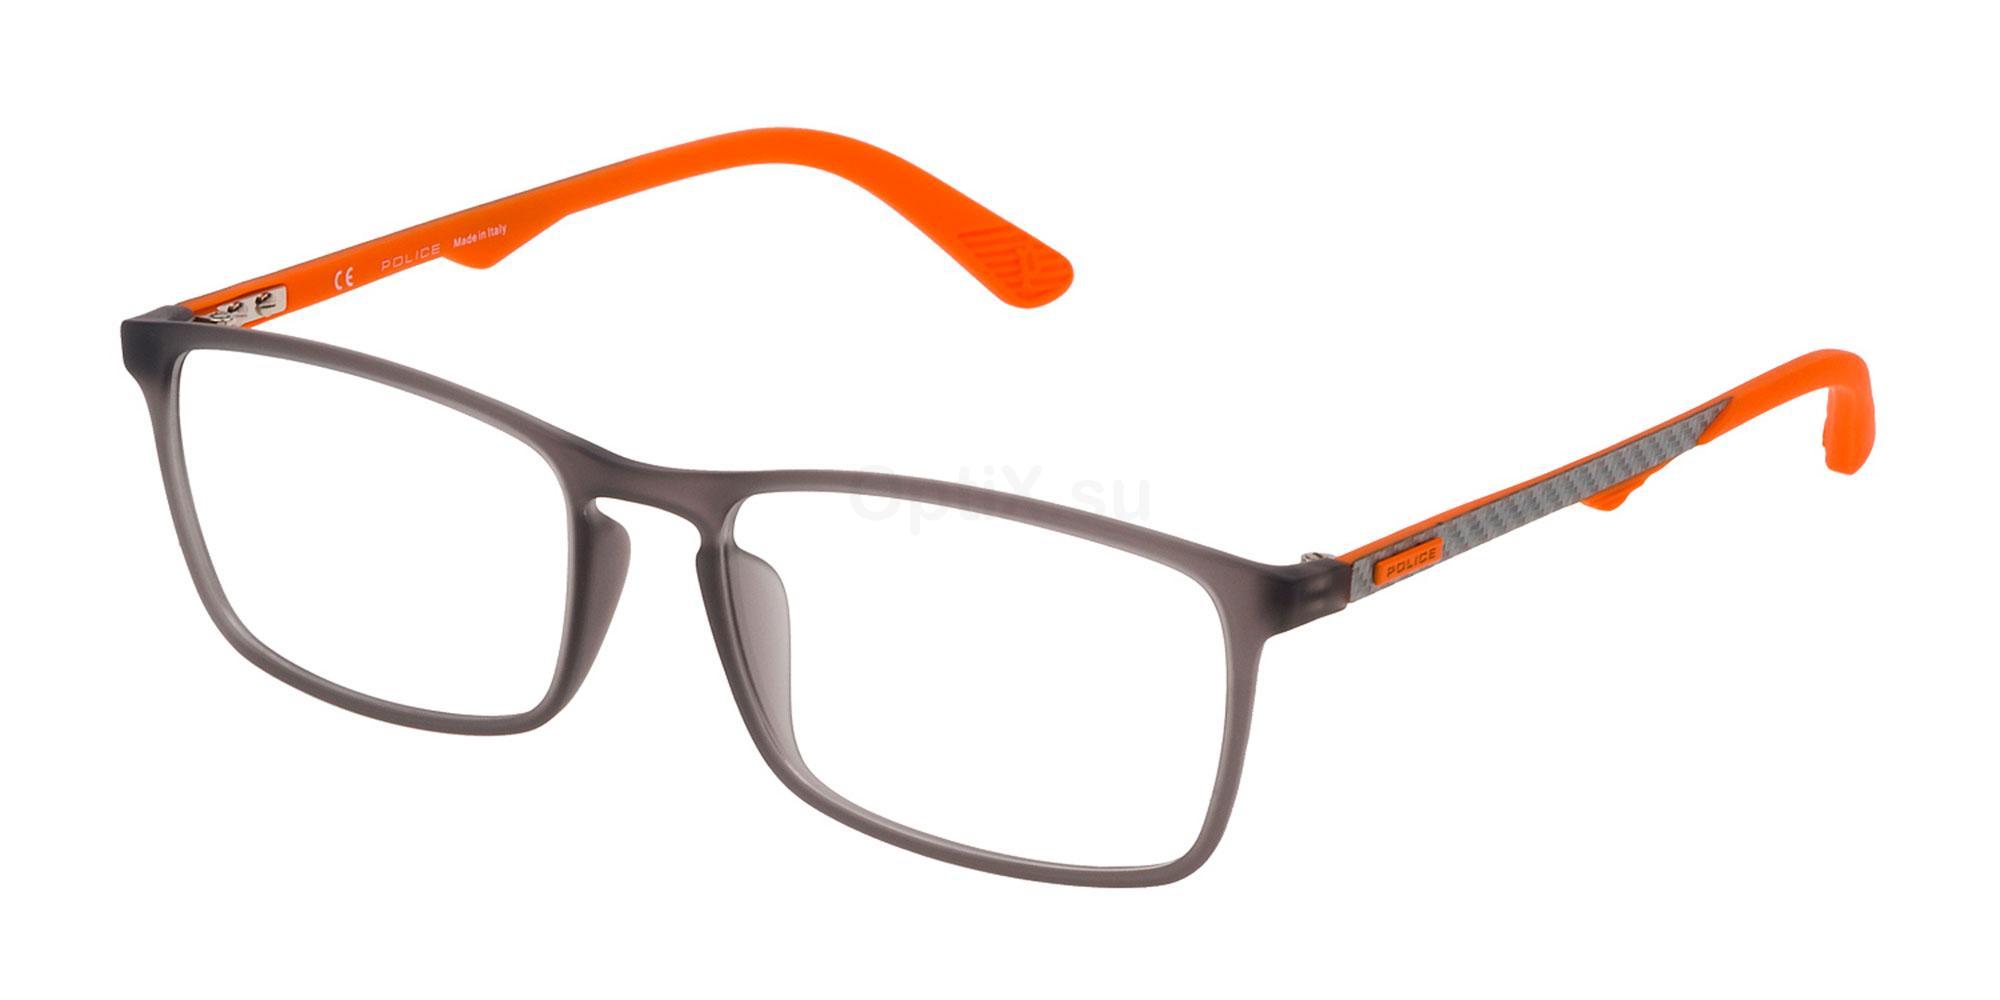 01HG VPL694 Glasses, Police